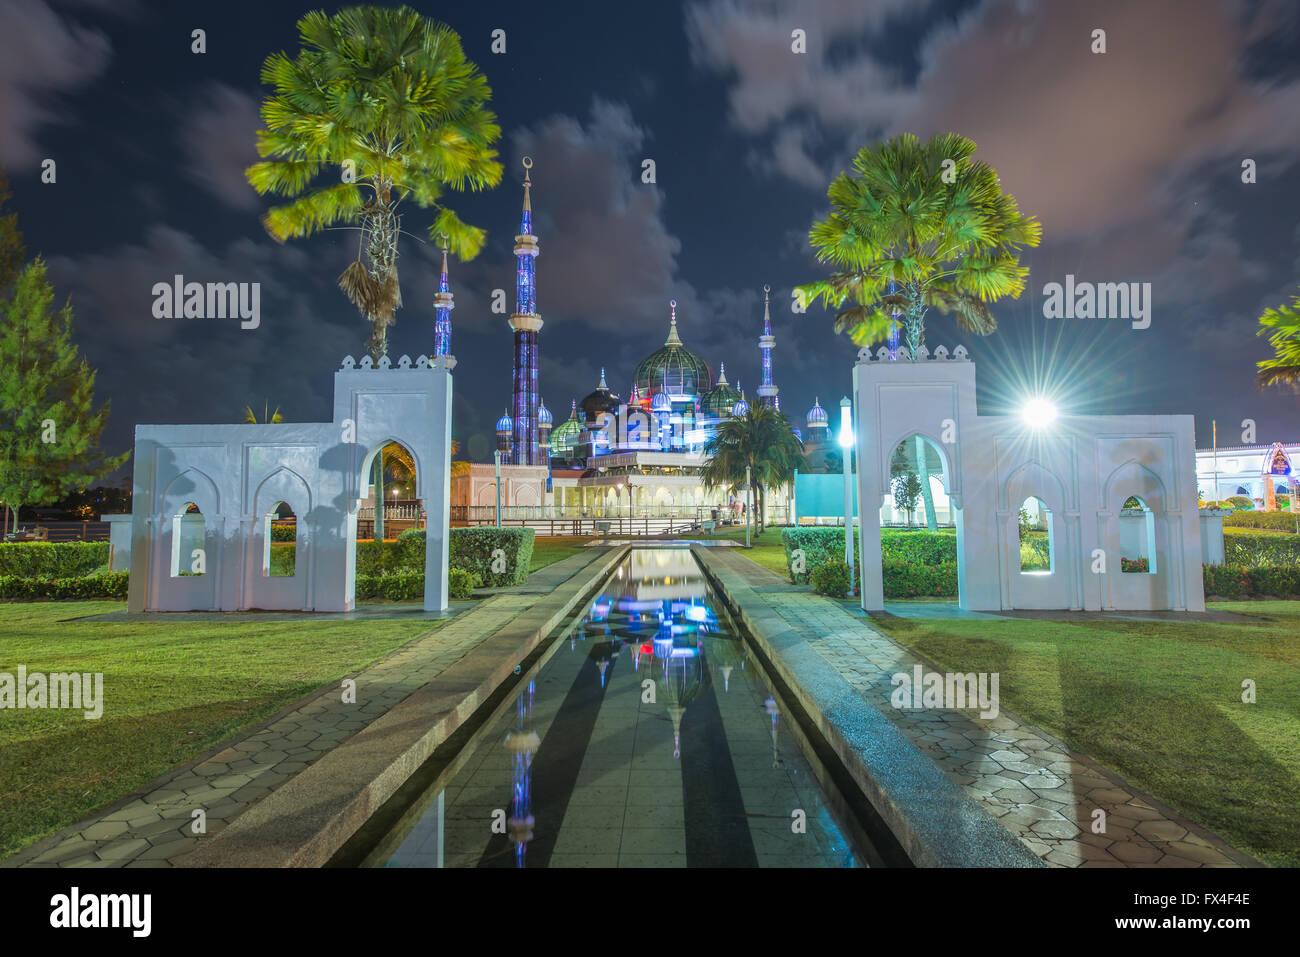 La moschea di cristallo a Kuala Terengganu, Terengganu, Malaysia Immagini Stock